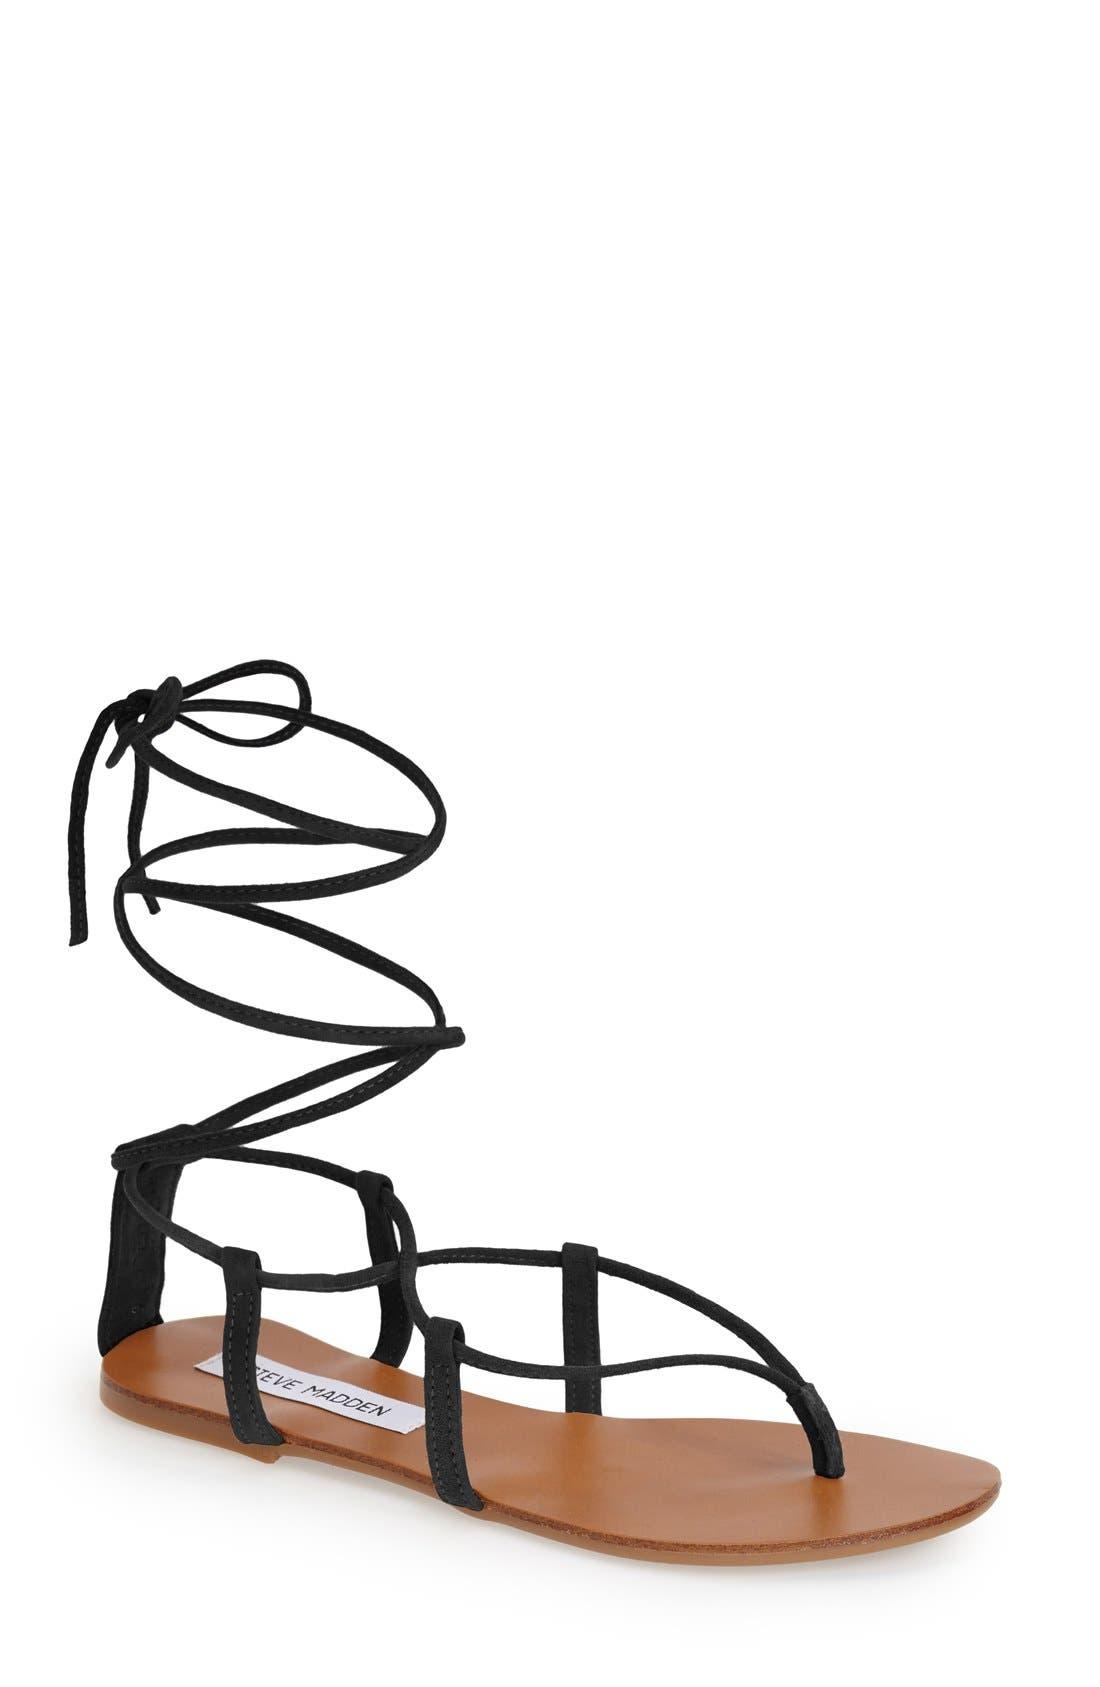 STEVE MADDEN 'Werkit' Gladiator Sandal, Main, color, 001